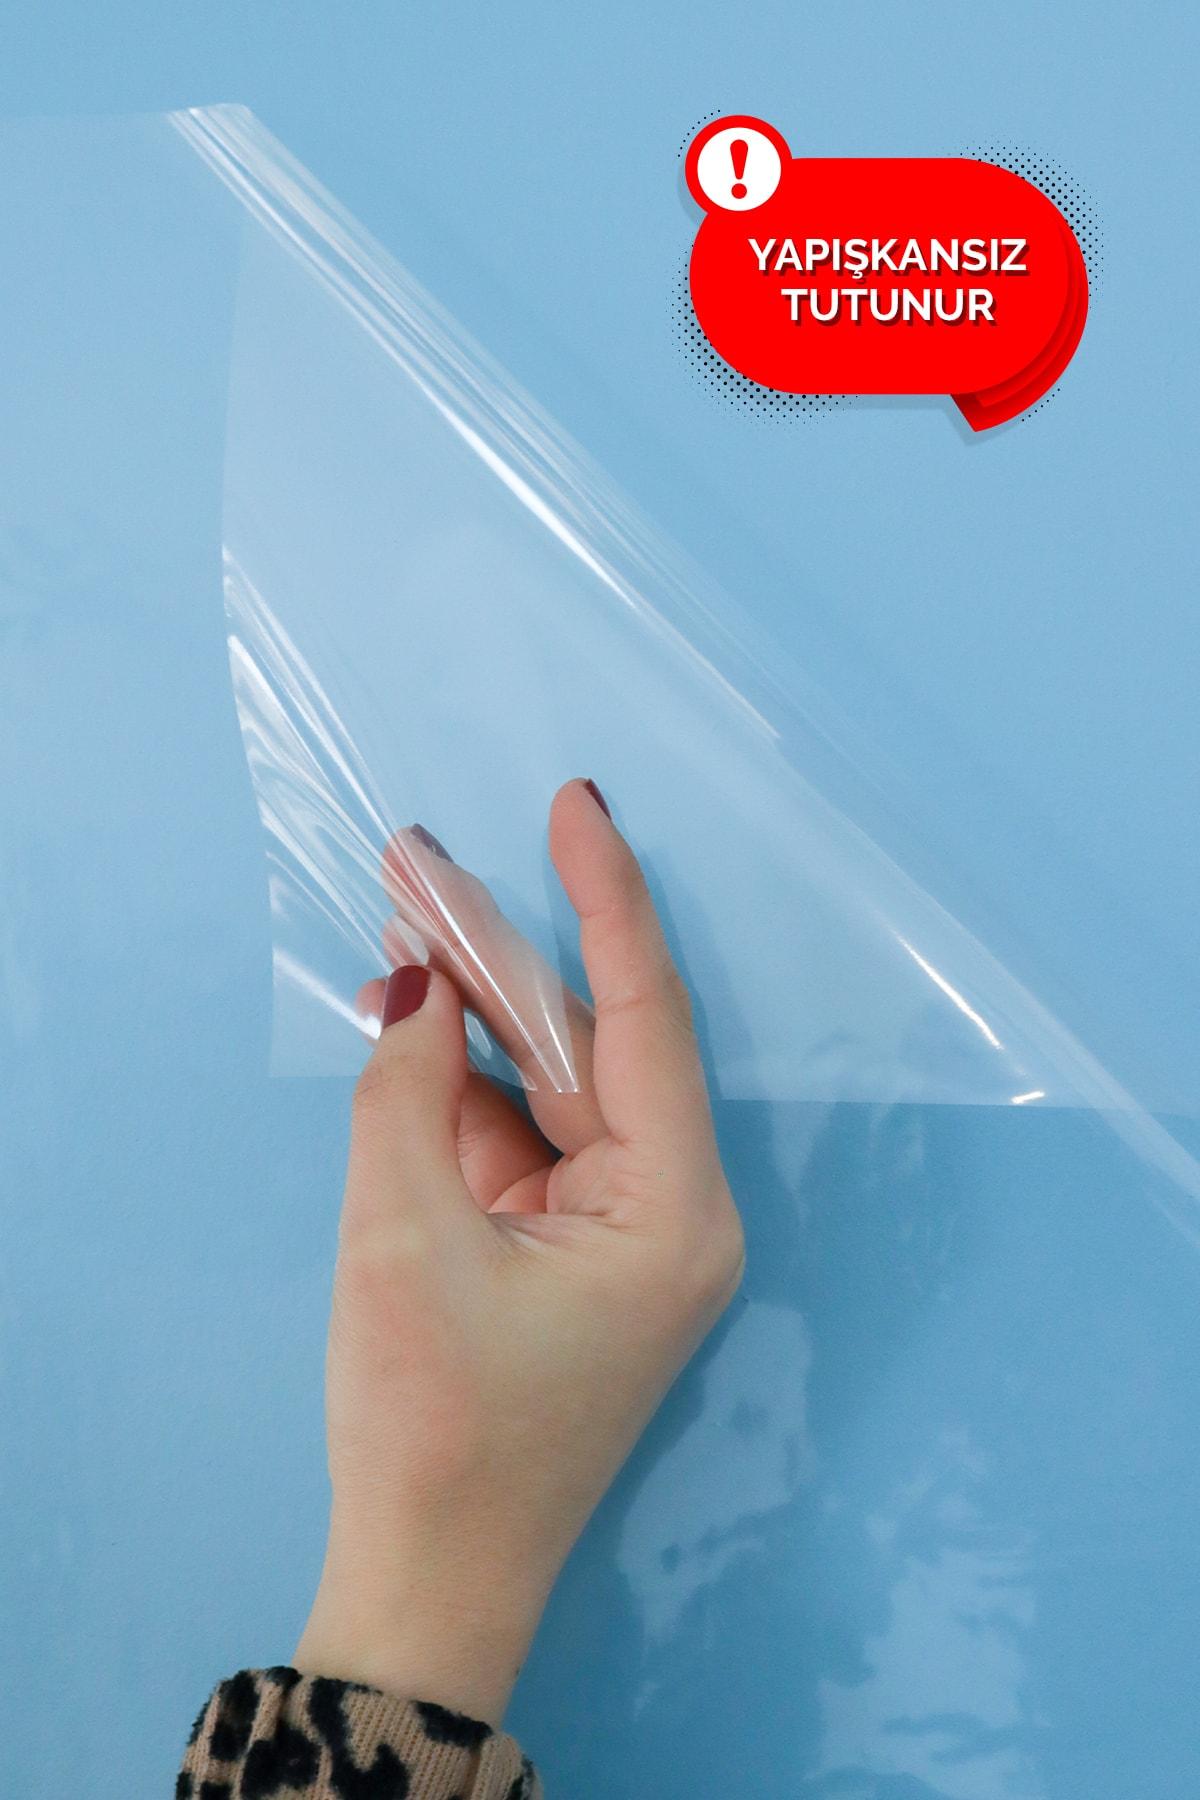 Evbuya 100x150 cm Şeffaf Yapışkansız Statik Tutunabilir Akıllı Kağıt Tahta 2 Adet 2